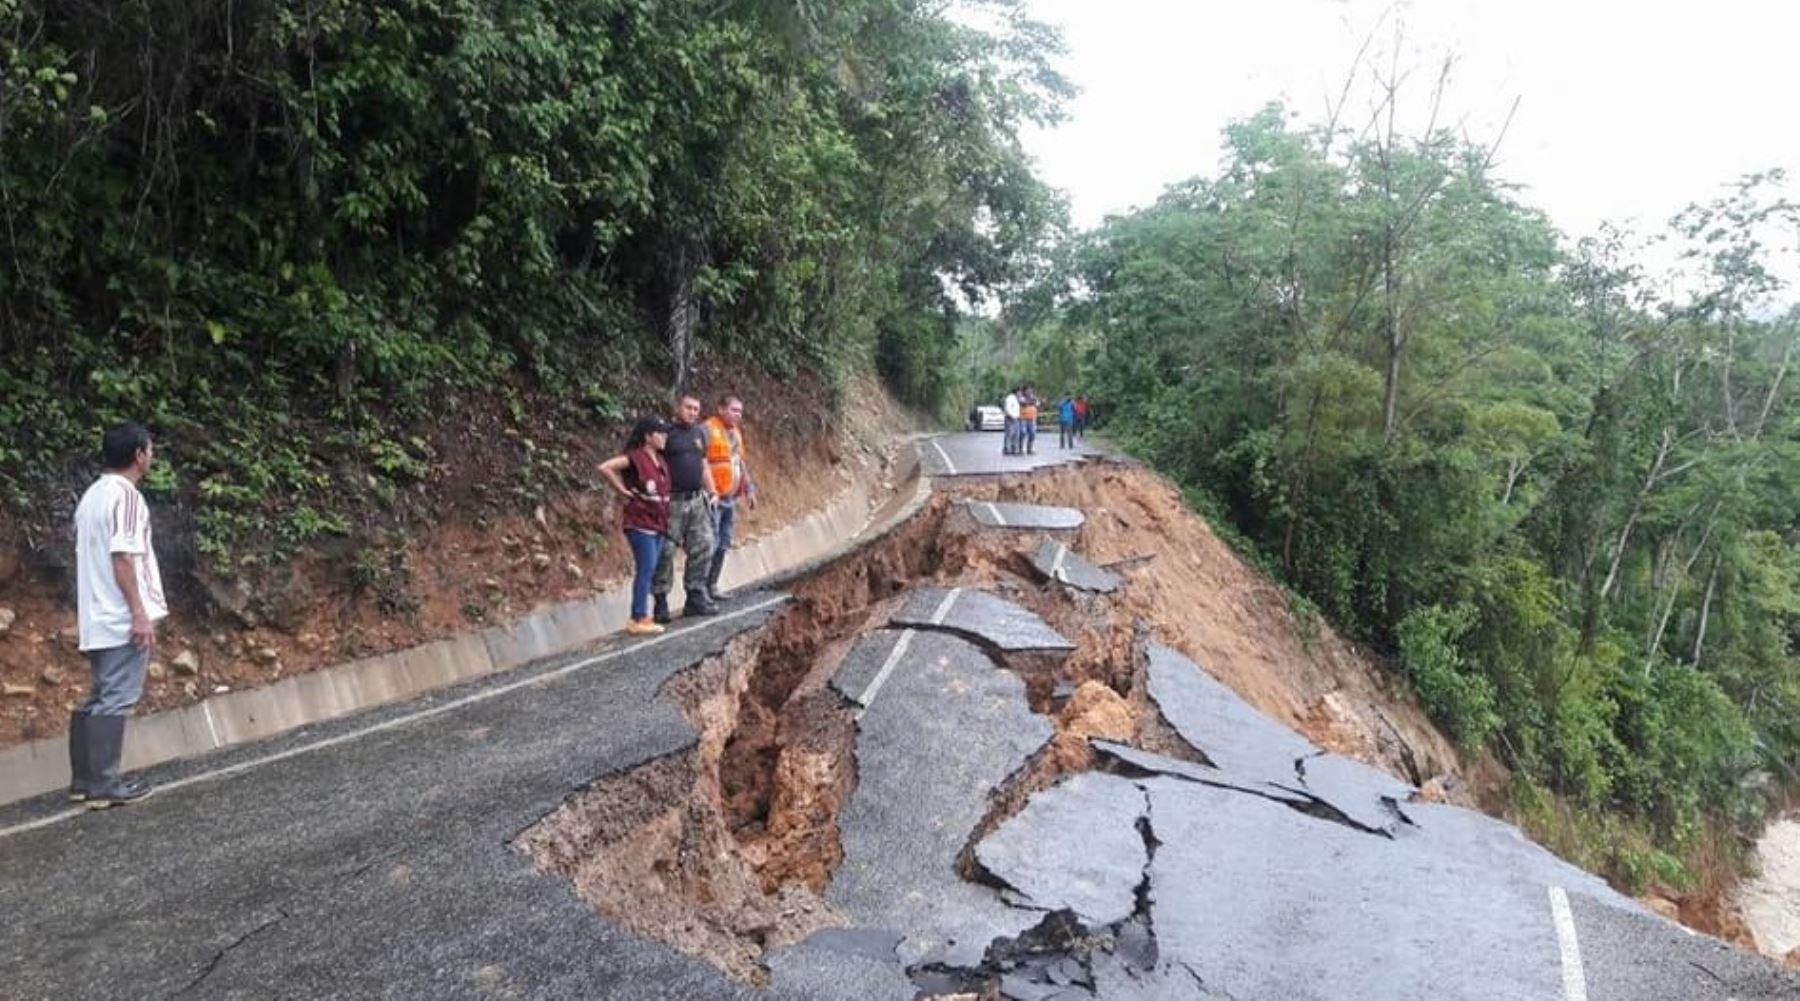 El desborde e inundación del río Cumbaza, en la región San Martín, dejó hasta el momento 318 familias damnificadas y dos personas fallecidas, con daños que se extienden a distritos de las provincias de Lamas, San Martin, Bellavista, Mariscal Cáceres y Picota, según el reporte emitido hoy por el Instituto Nacional de Defensa Civil (Indeci).